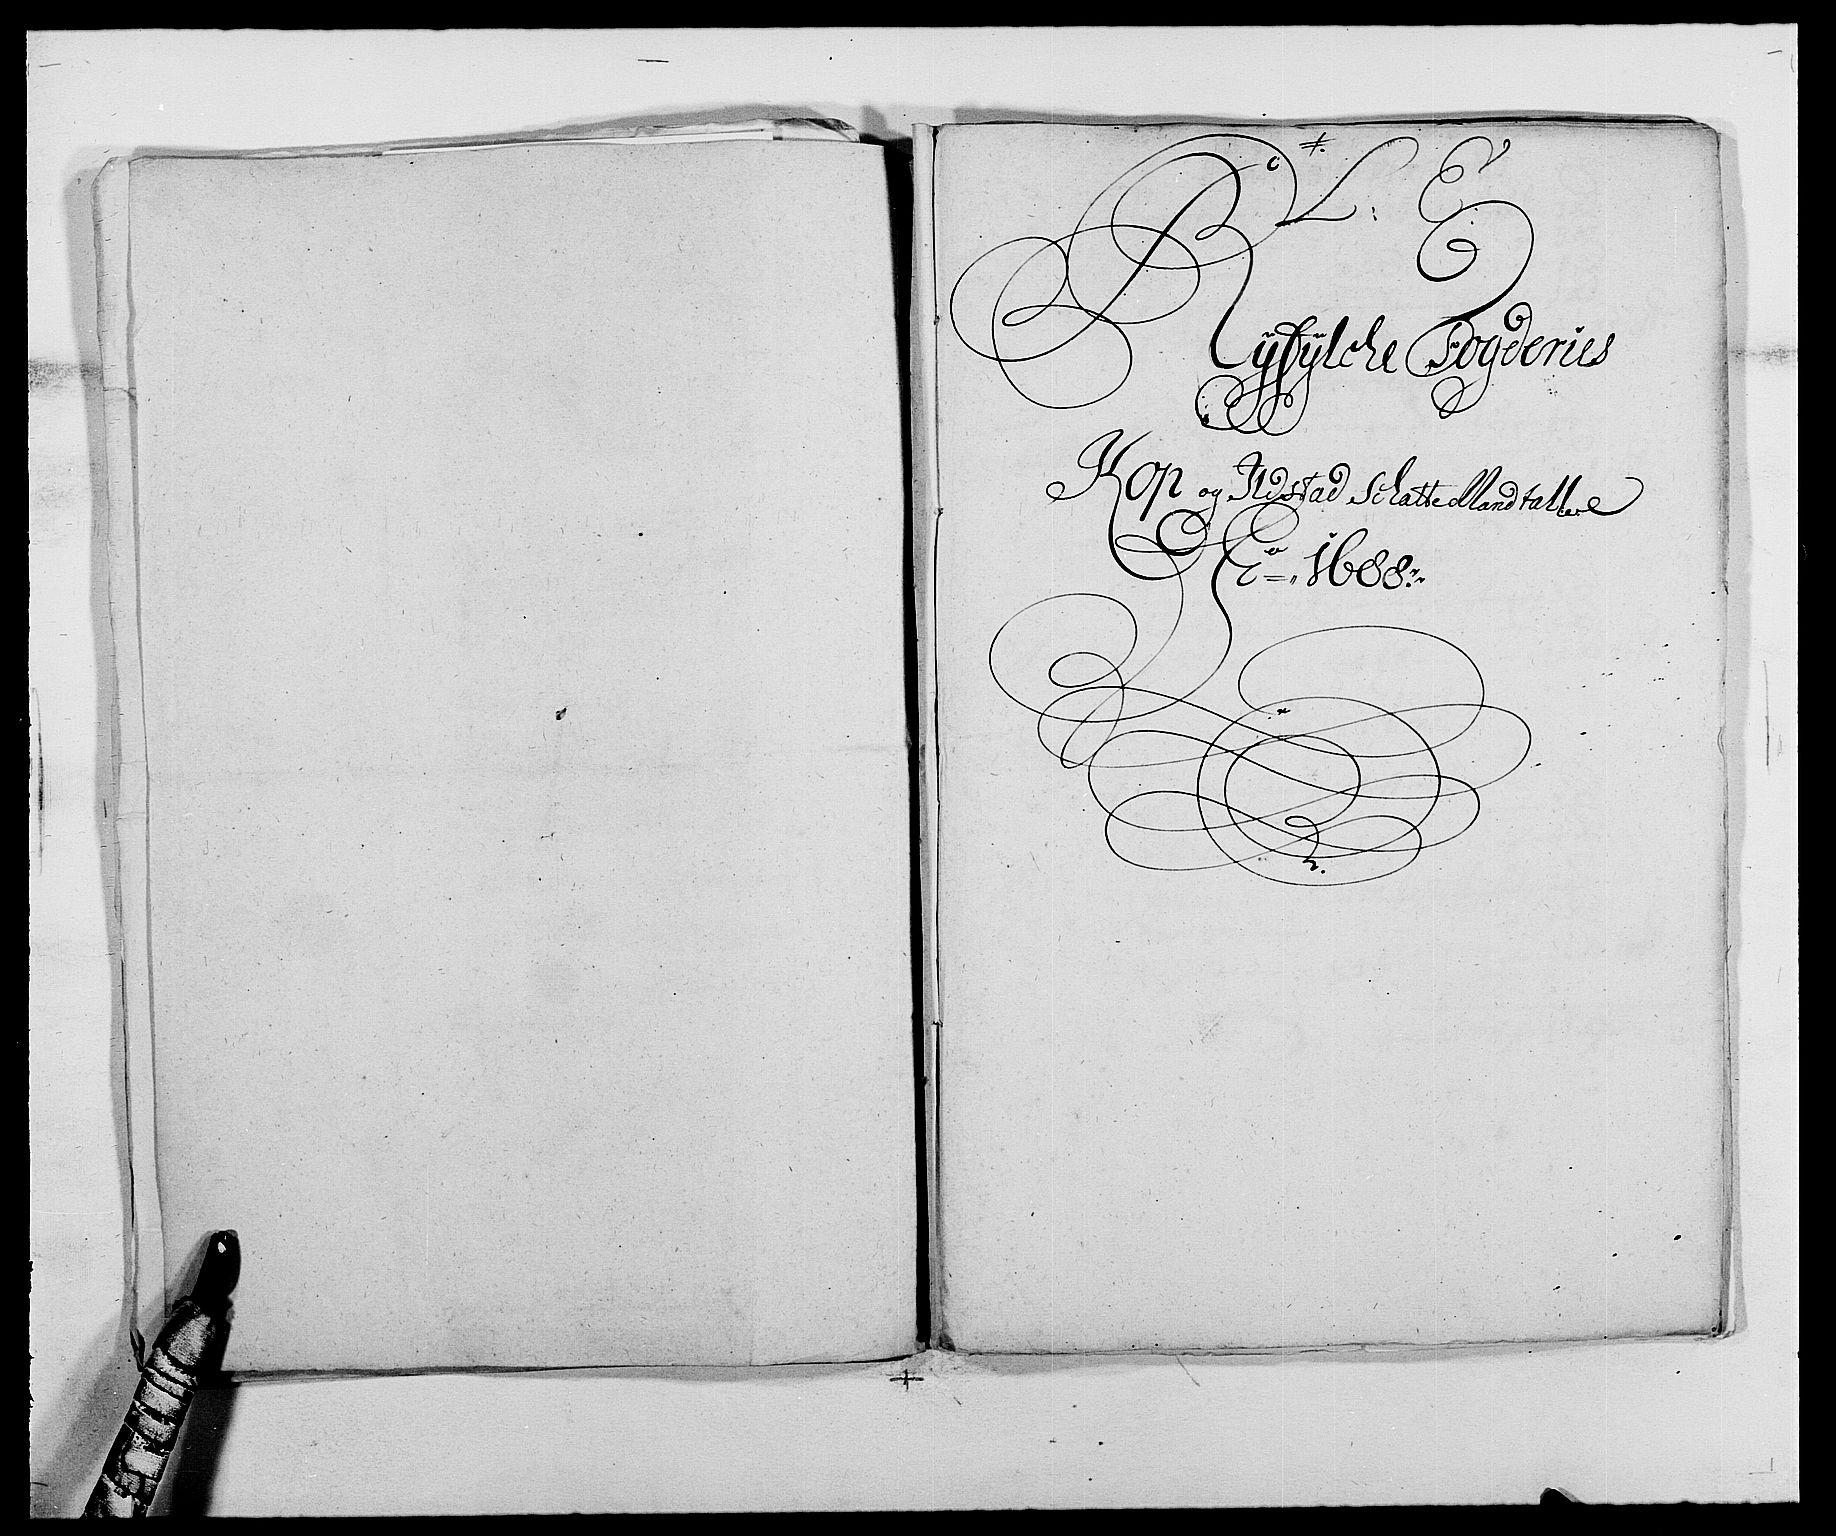 RA, Rentekammeret inntil 1814, Reviderte regnskaper, Fogderegnskap, R47/L2855: Fogderegnskap Ryfylke, 1685-1688, s. 361